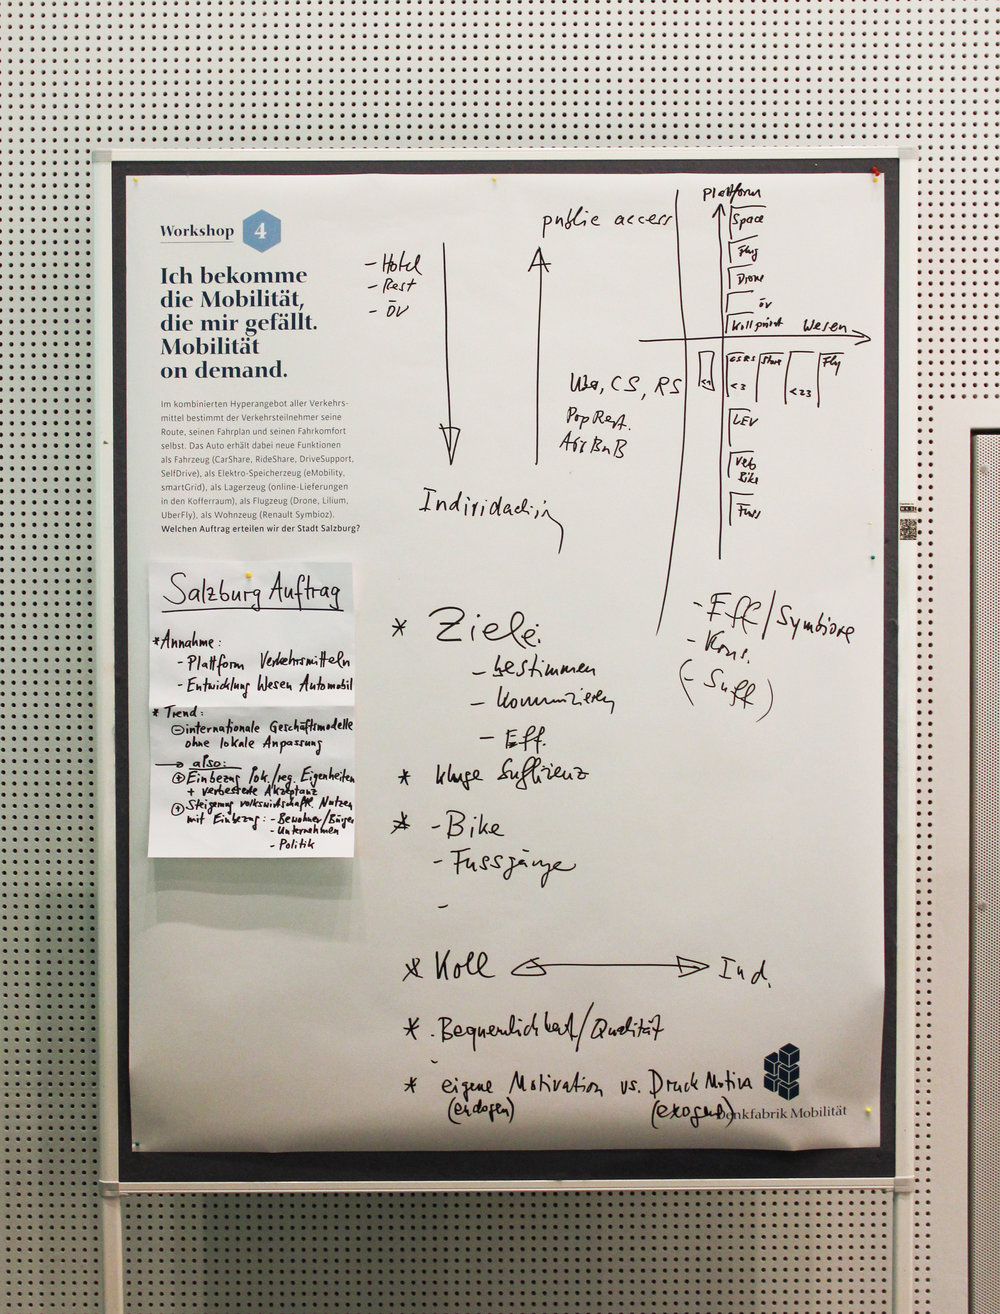 Workshop 4 nutze den ganzen Flip Chart zum Arbeiten.